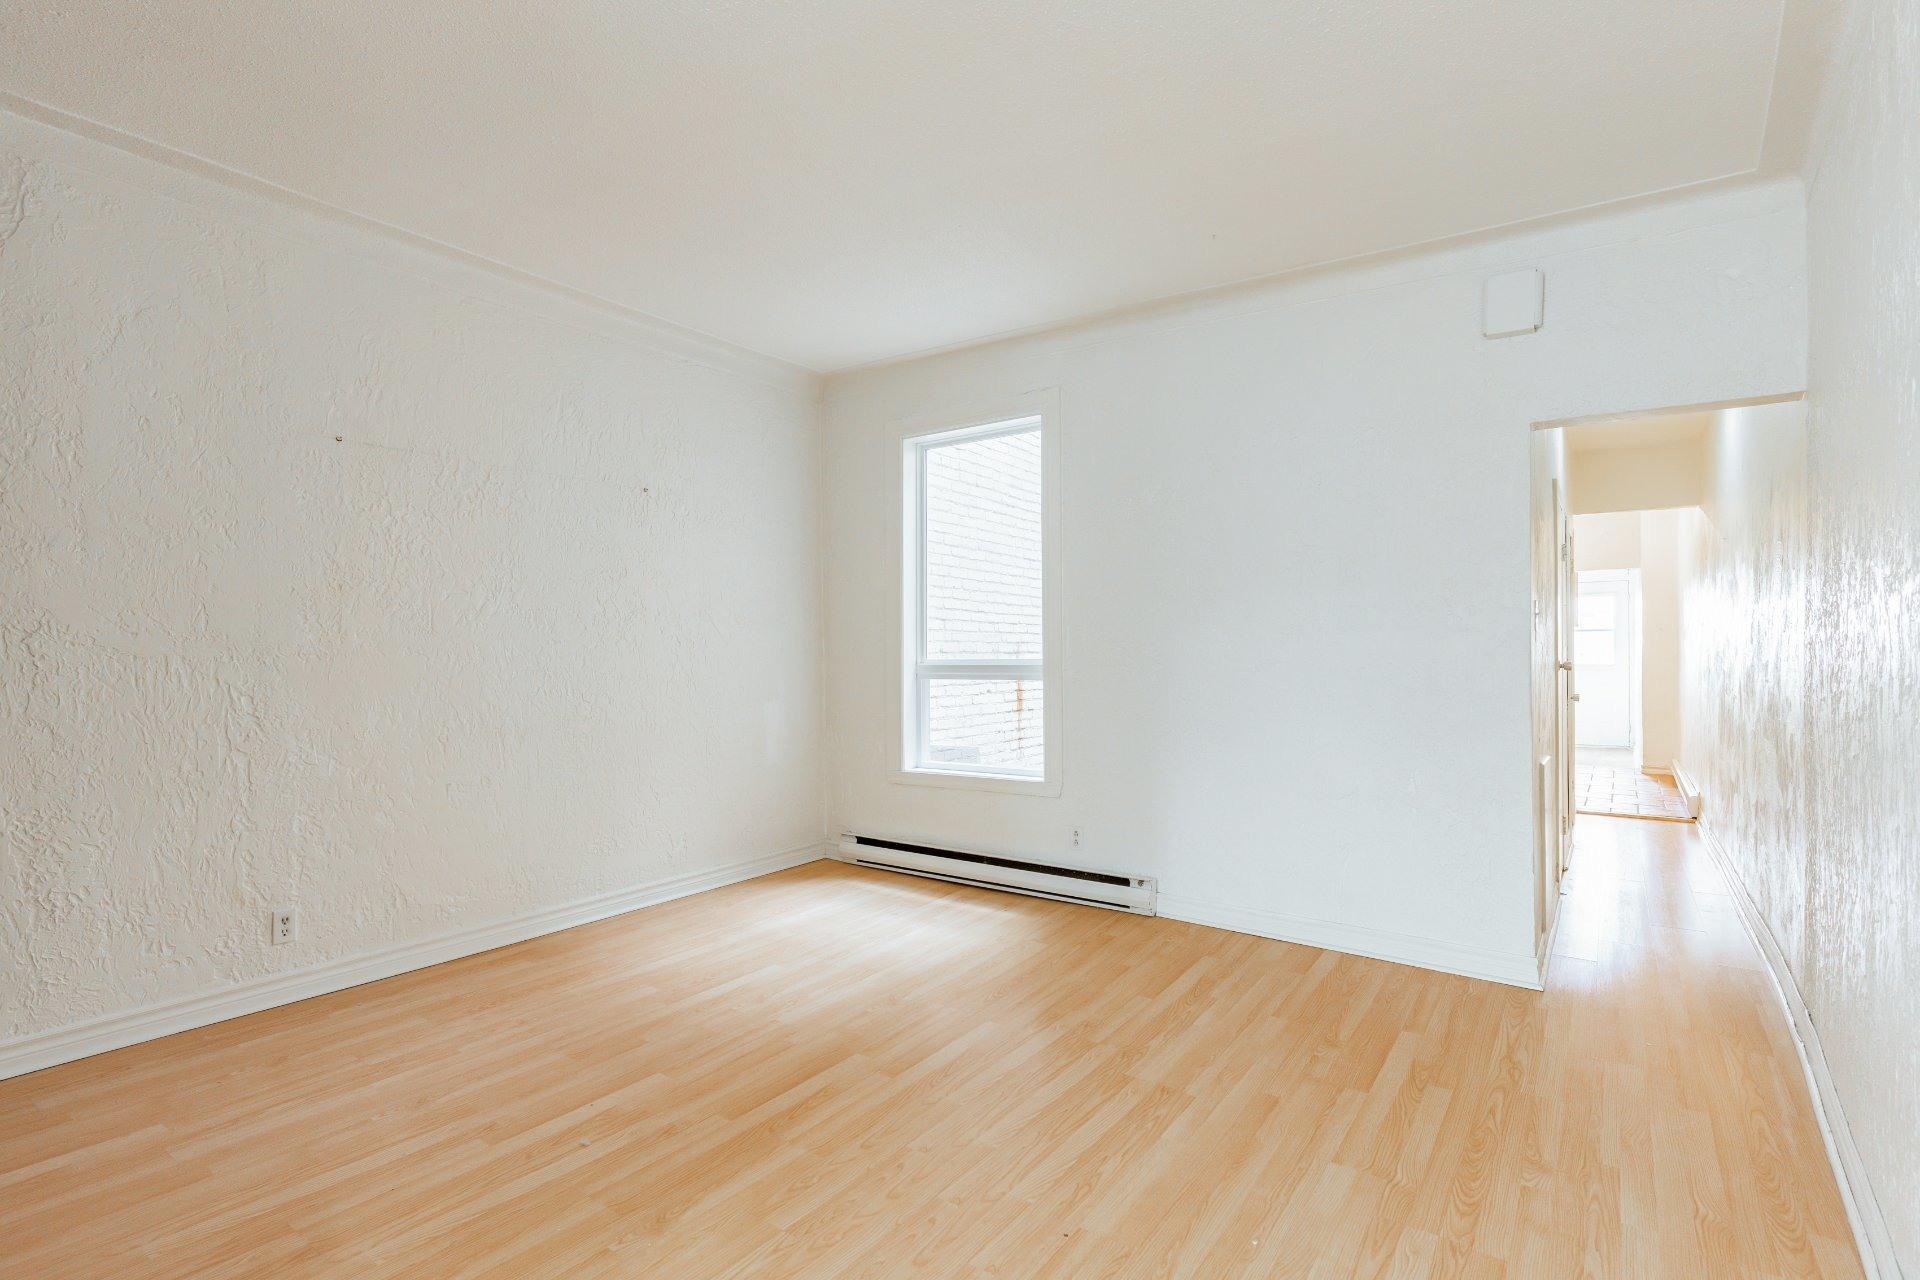 image 6 - Appartement À louer Rosemont/La Petite-Patrie Montréal  - 5 pièces